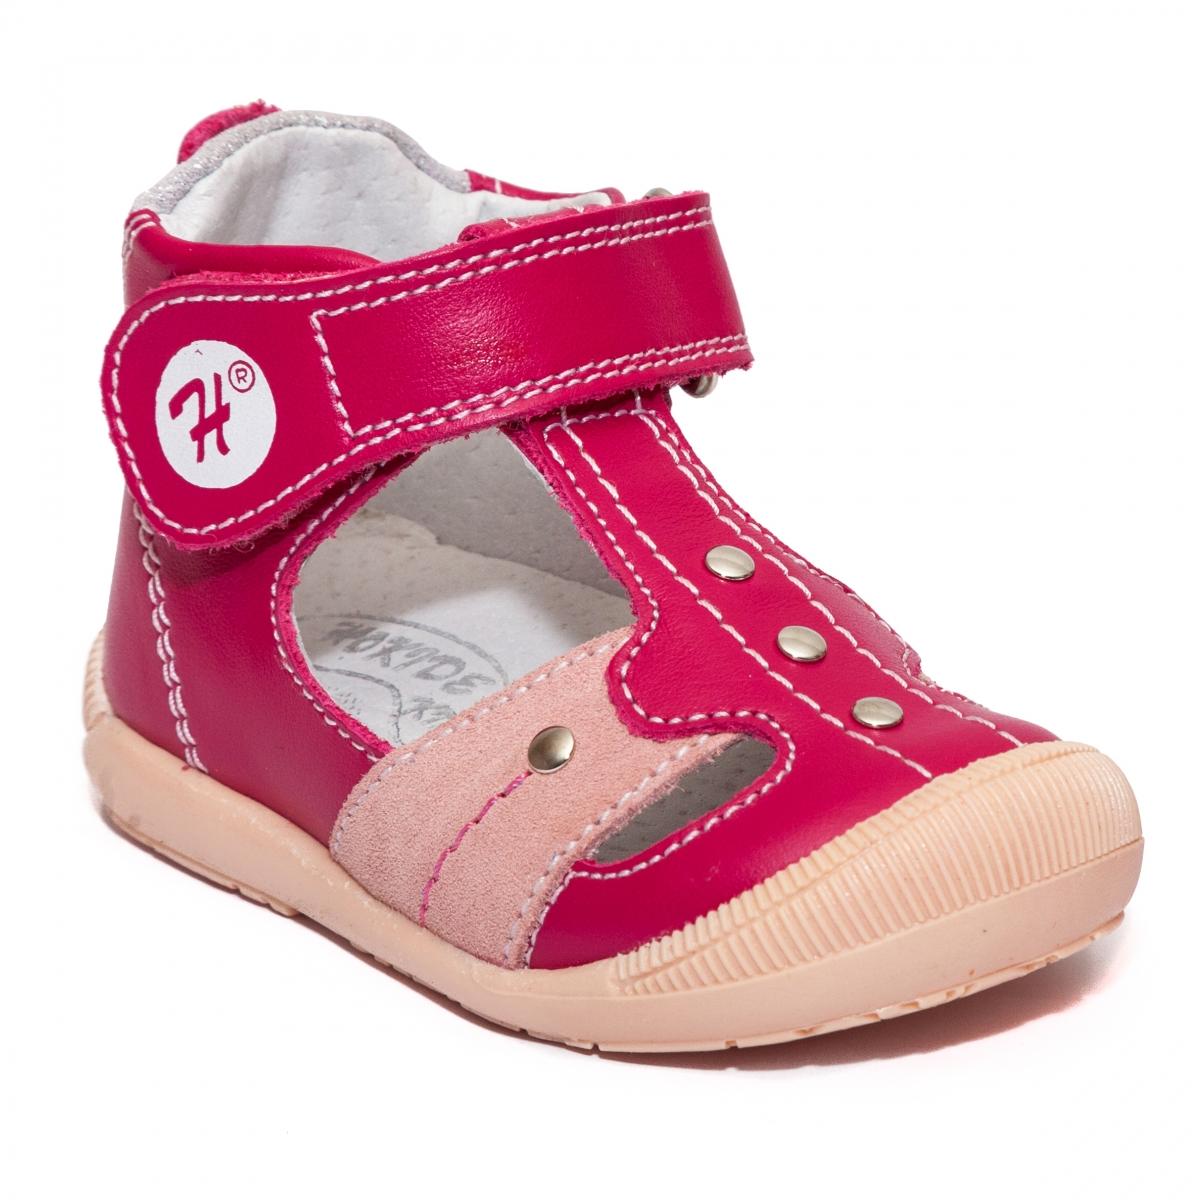 Sandalute ortopedice fete hokide 273 fuxia roz 18-24